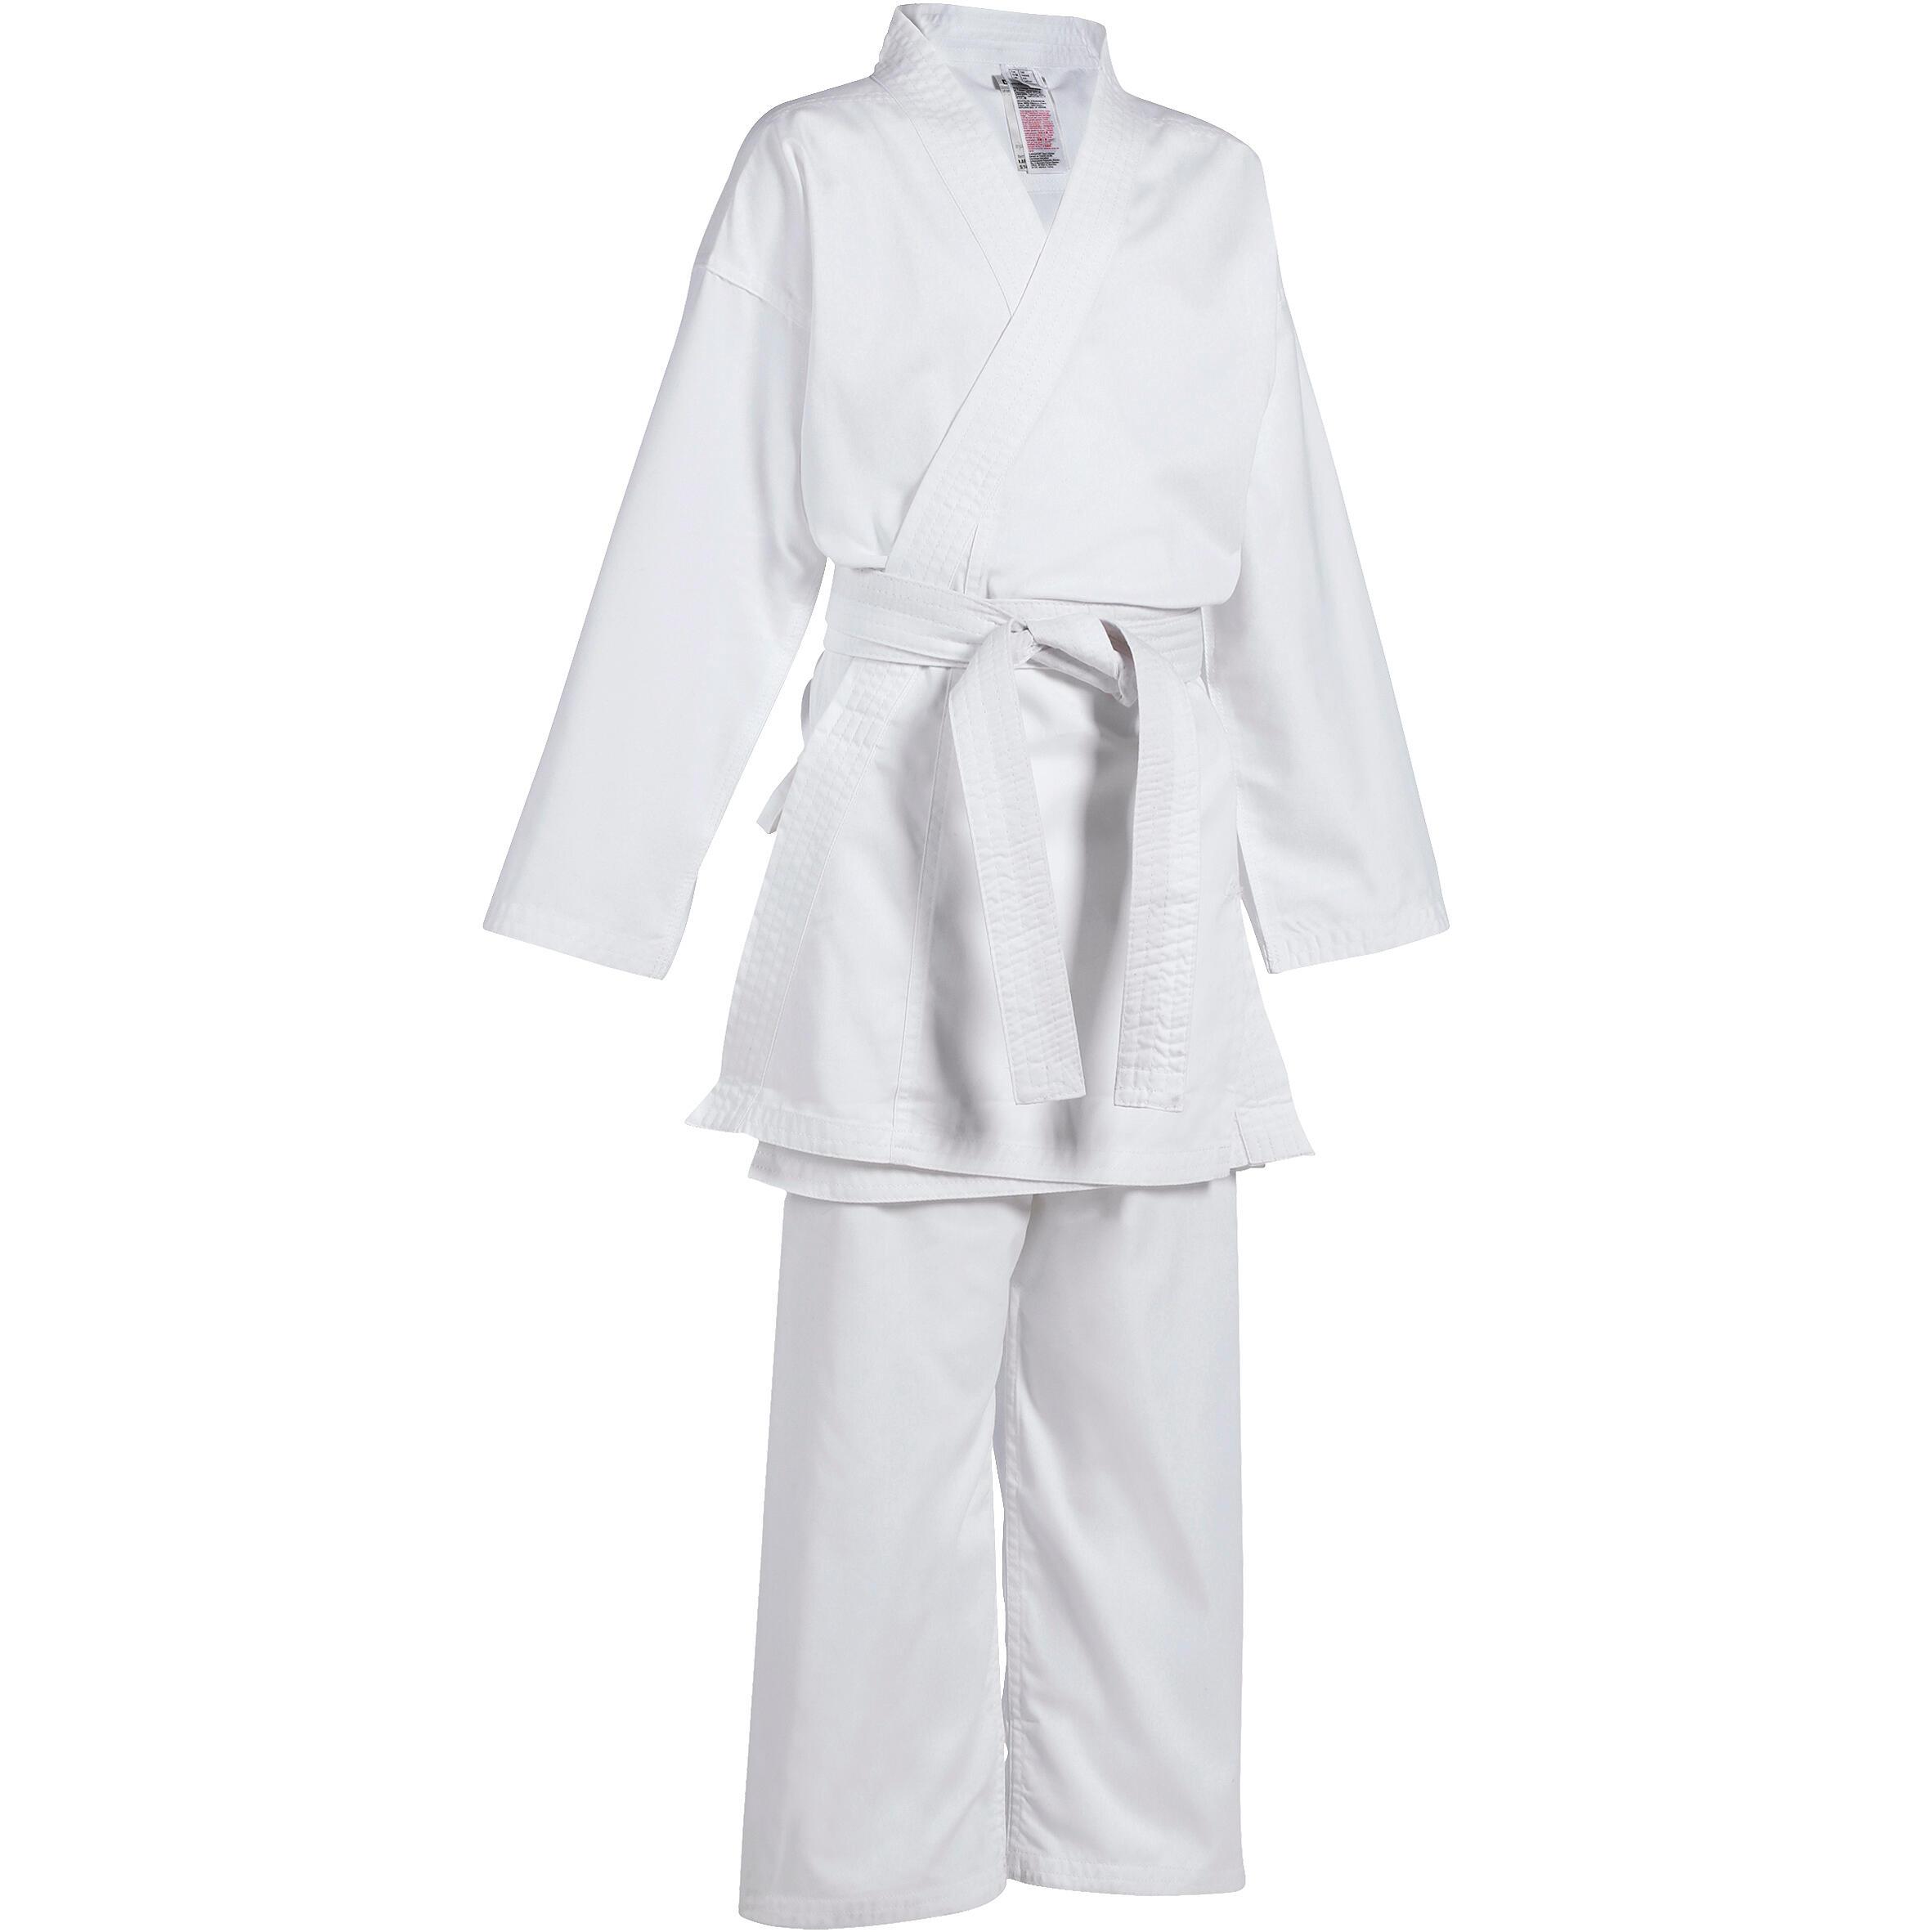 Outshock Karatepak 200 initiatie voor kinderen